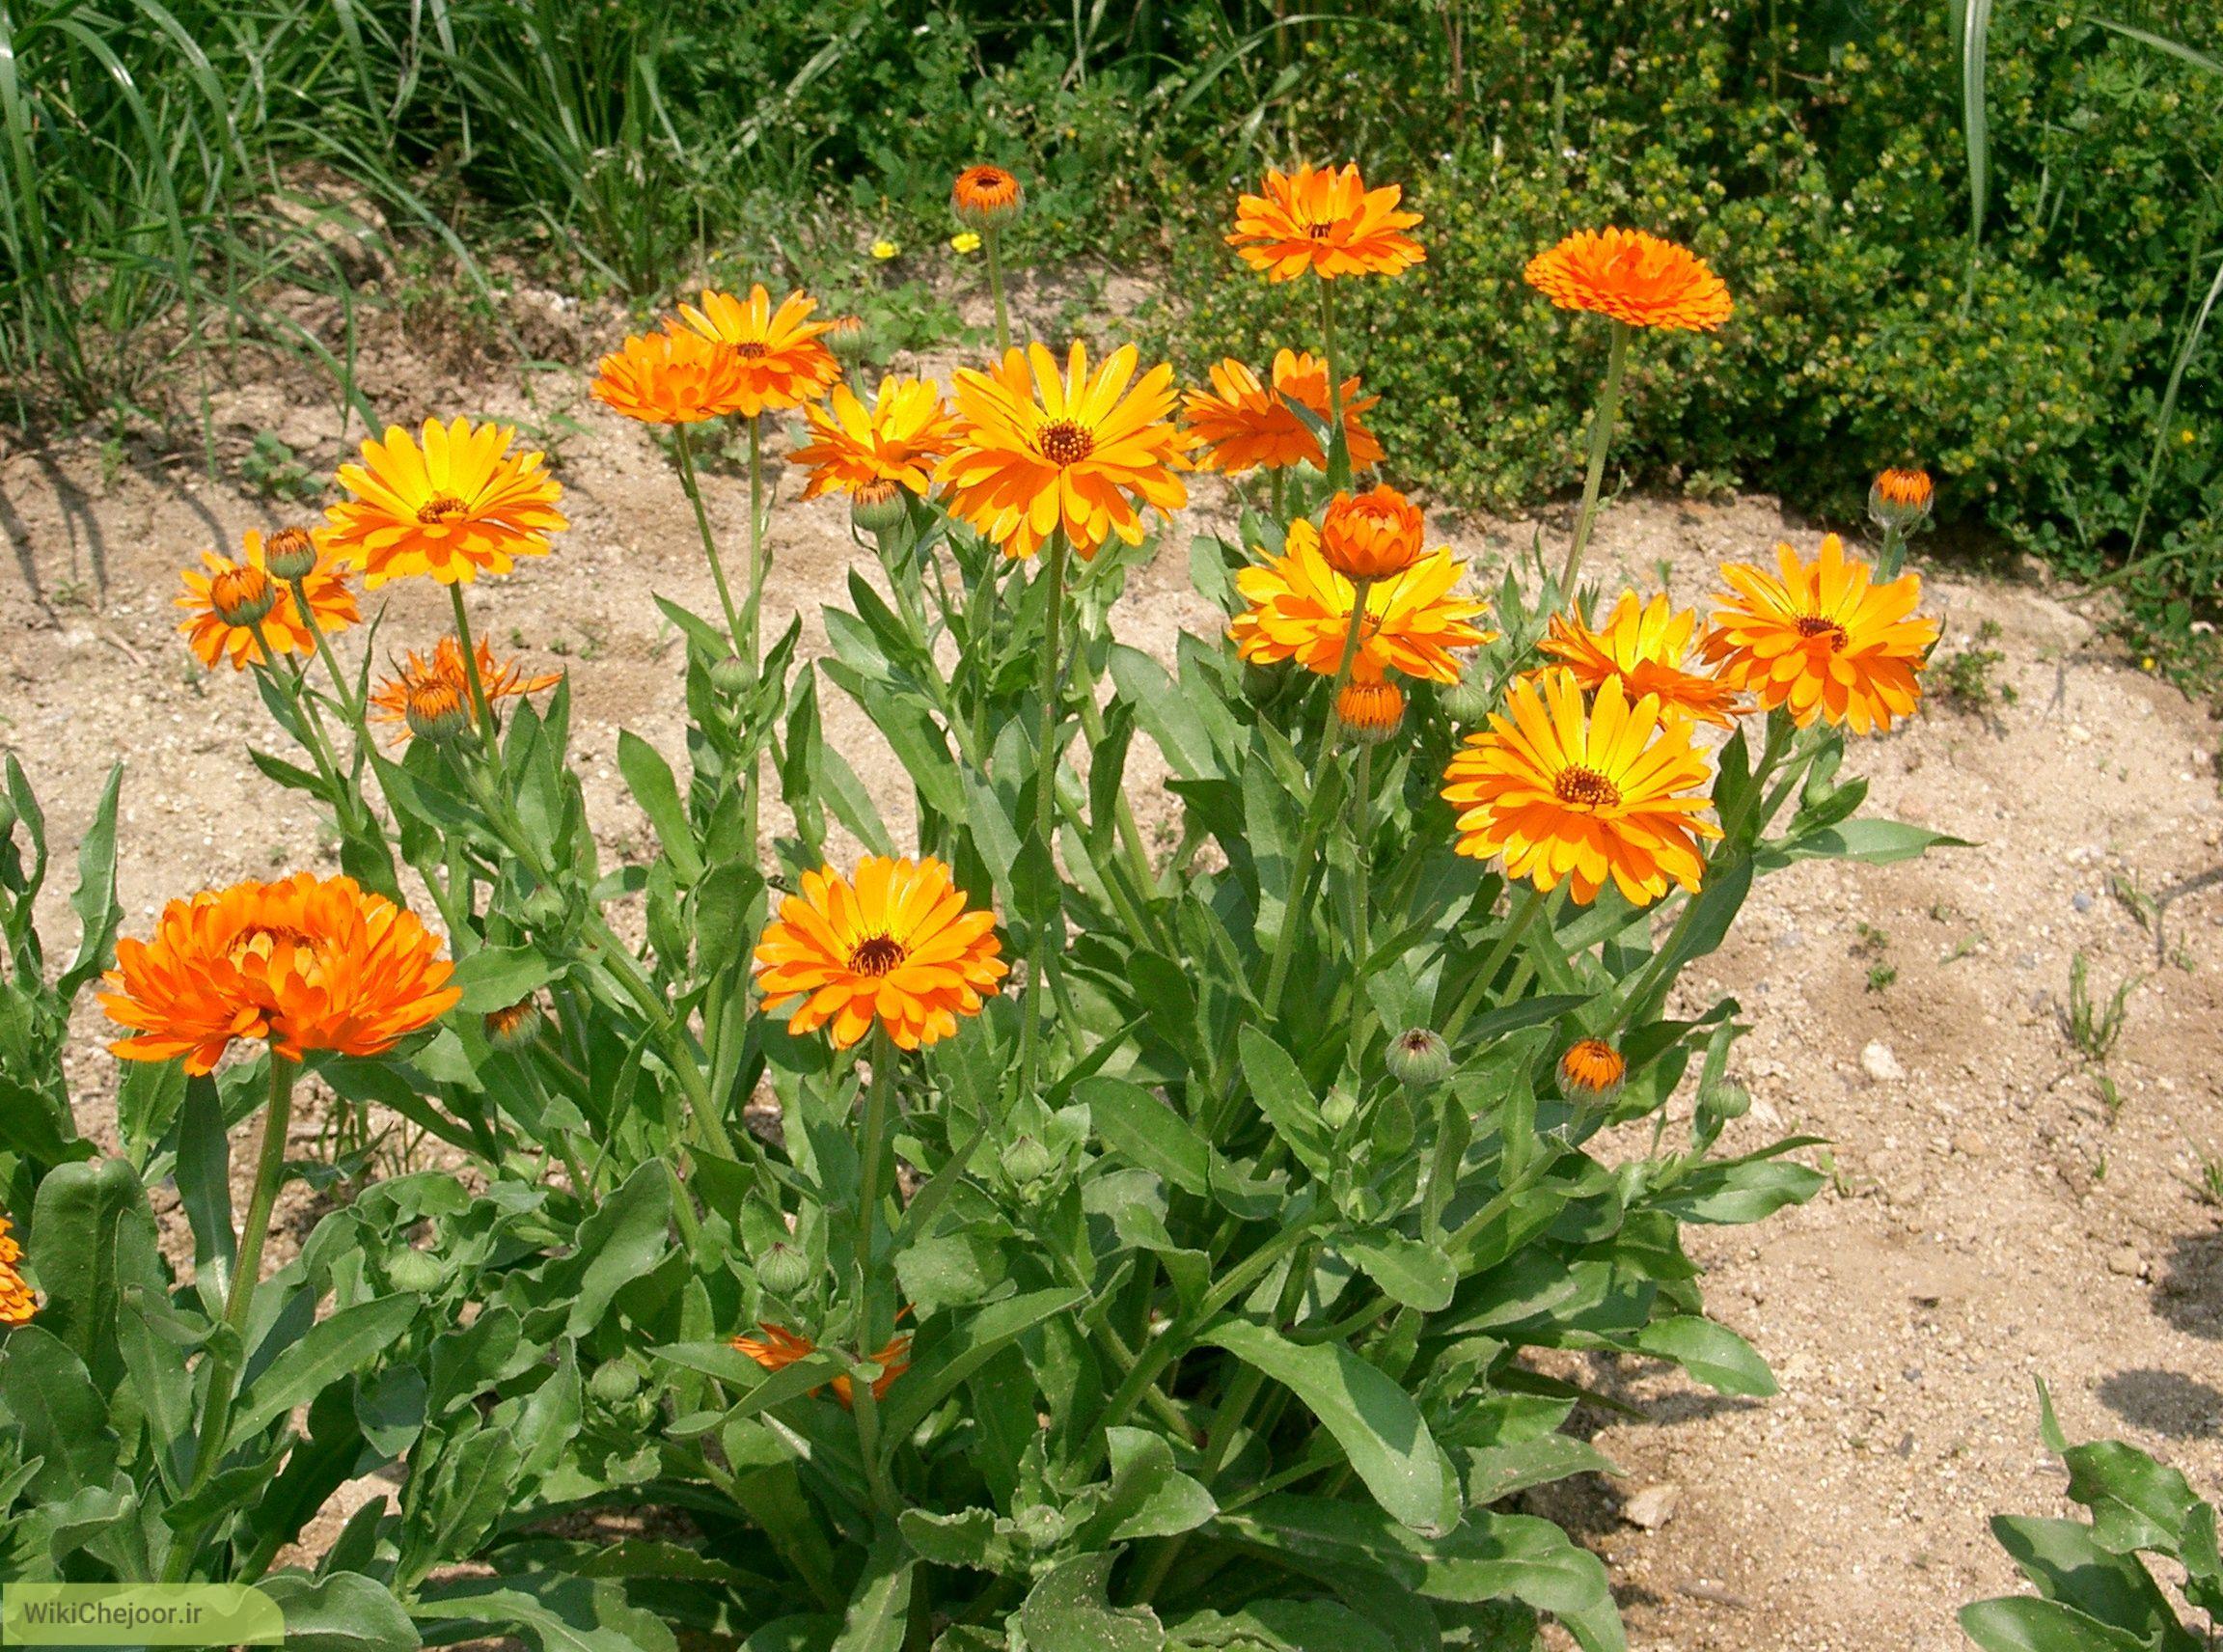 چگونه گل همیشه بهار بکاریم؟